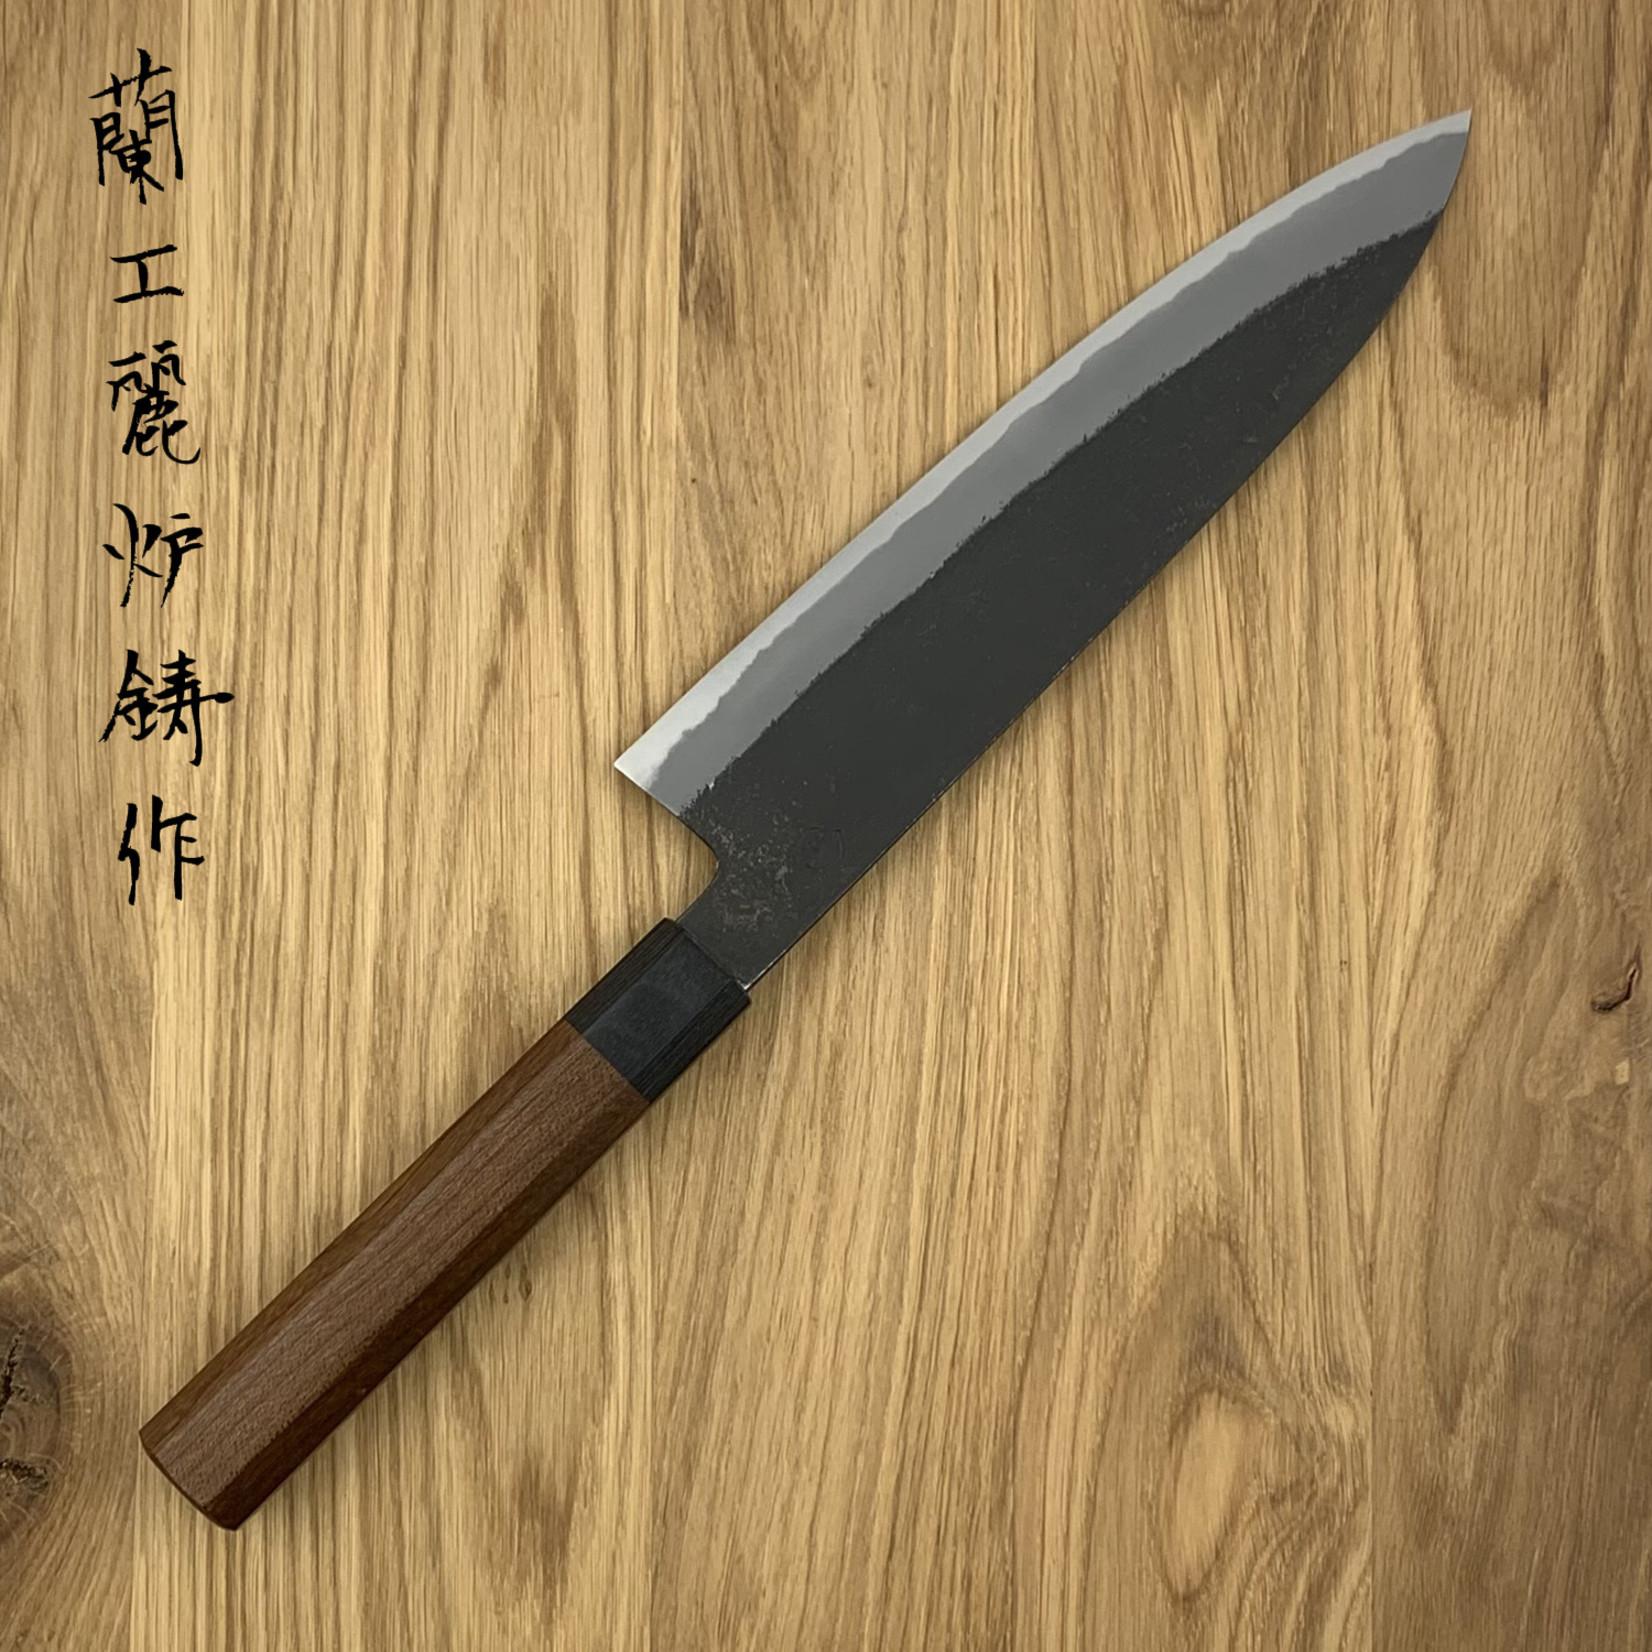 OUL Gyuto 210 mm kurouichi nashiji white #2 wa esdoorn